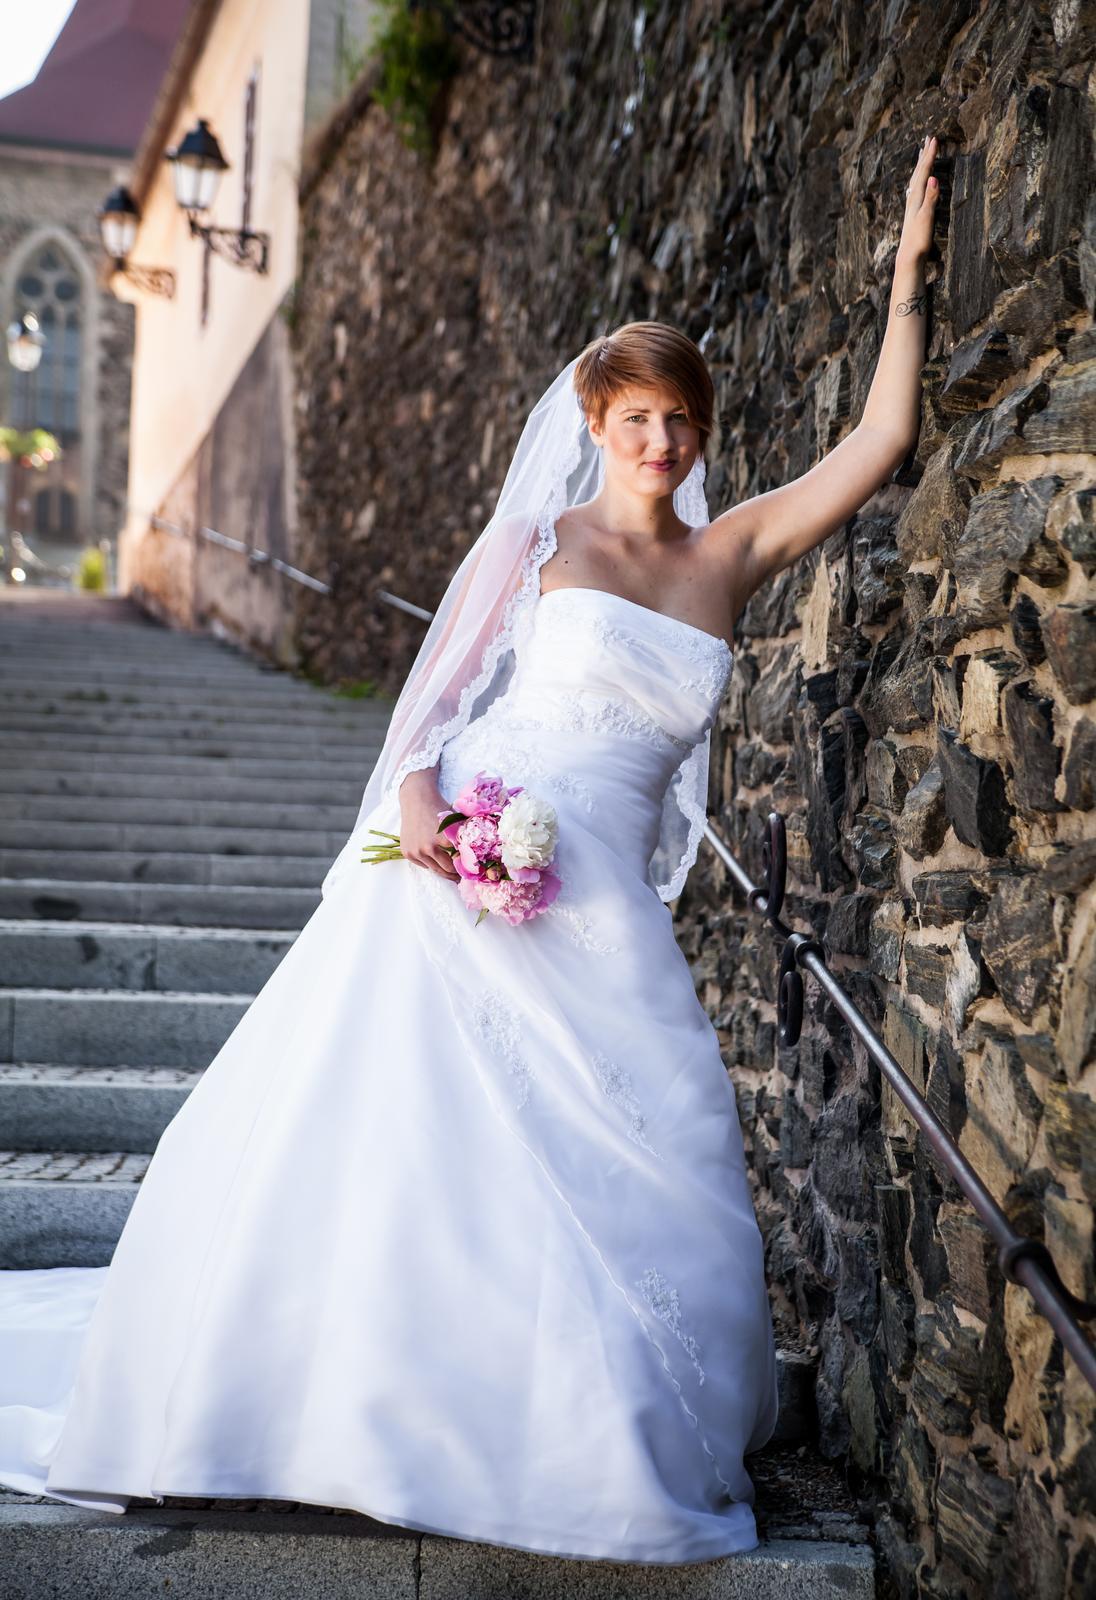 Půjčím svatební šaty - Obrázek č. 1